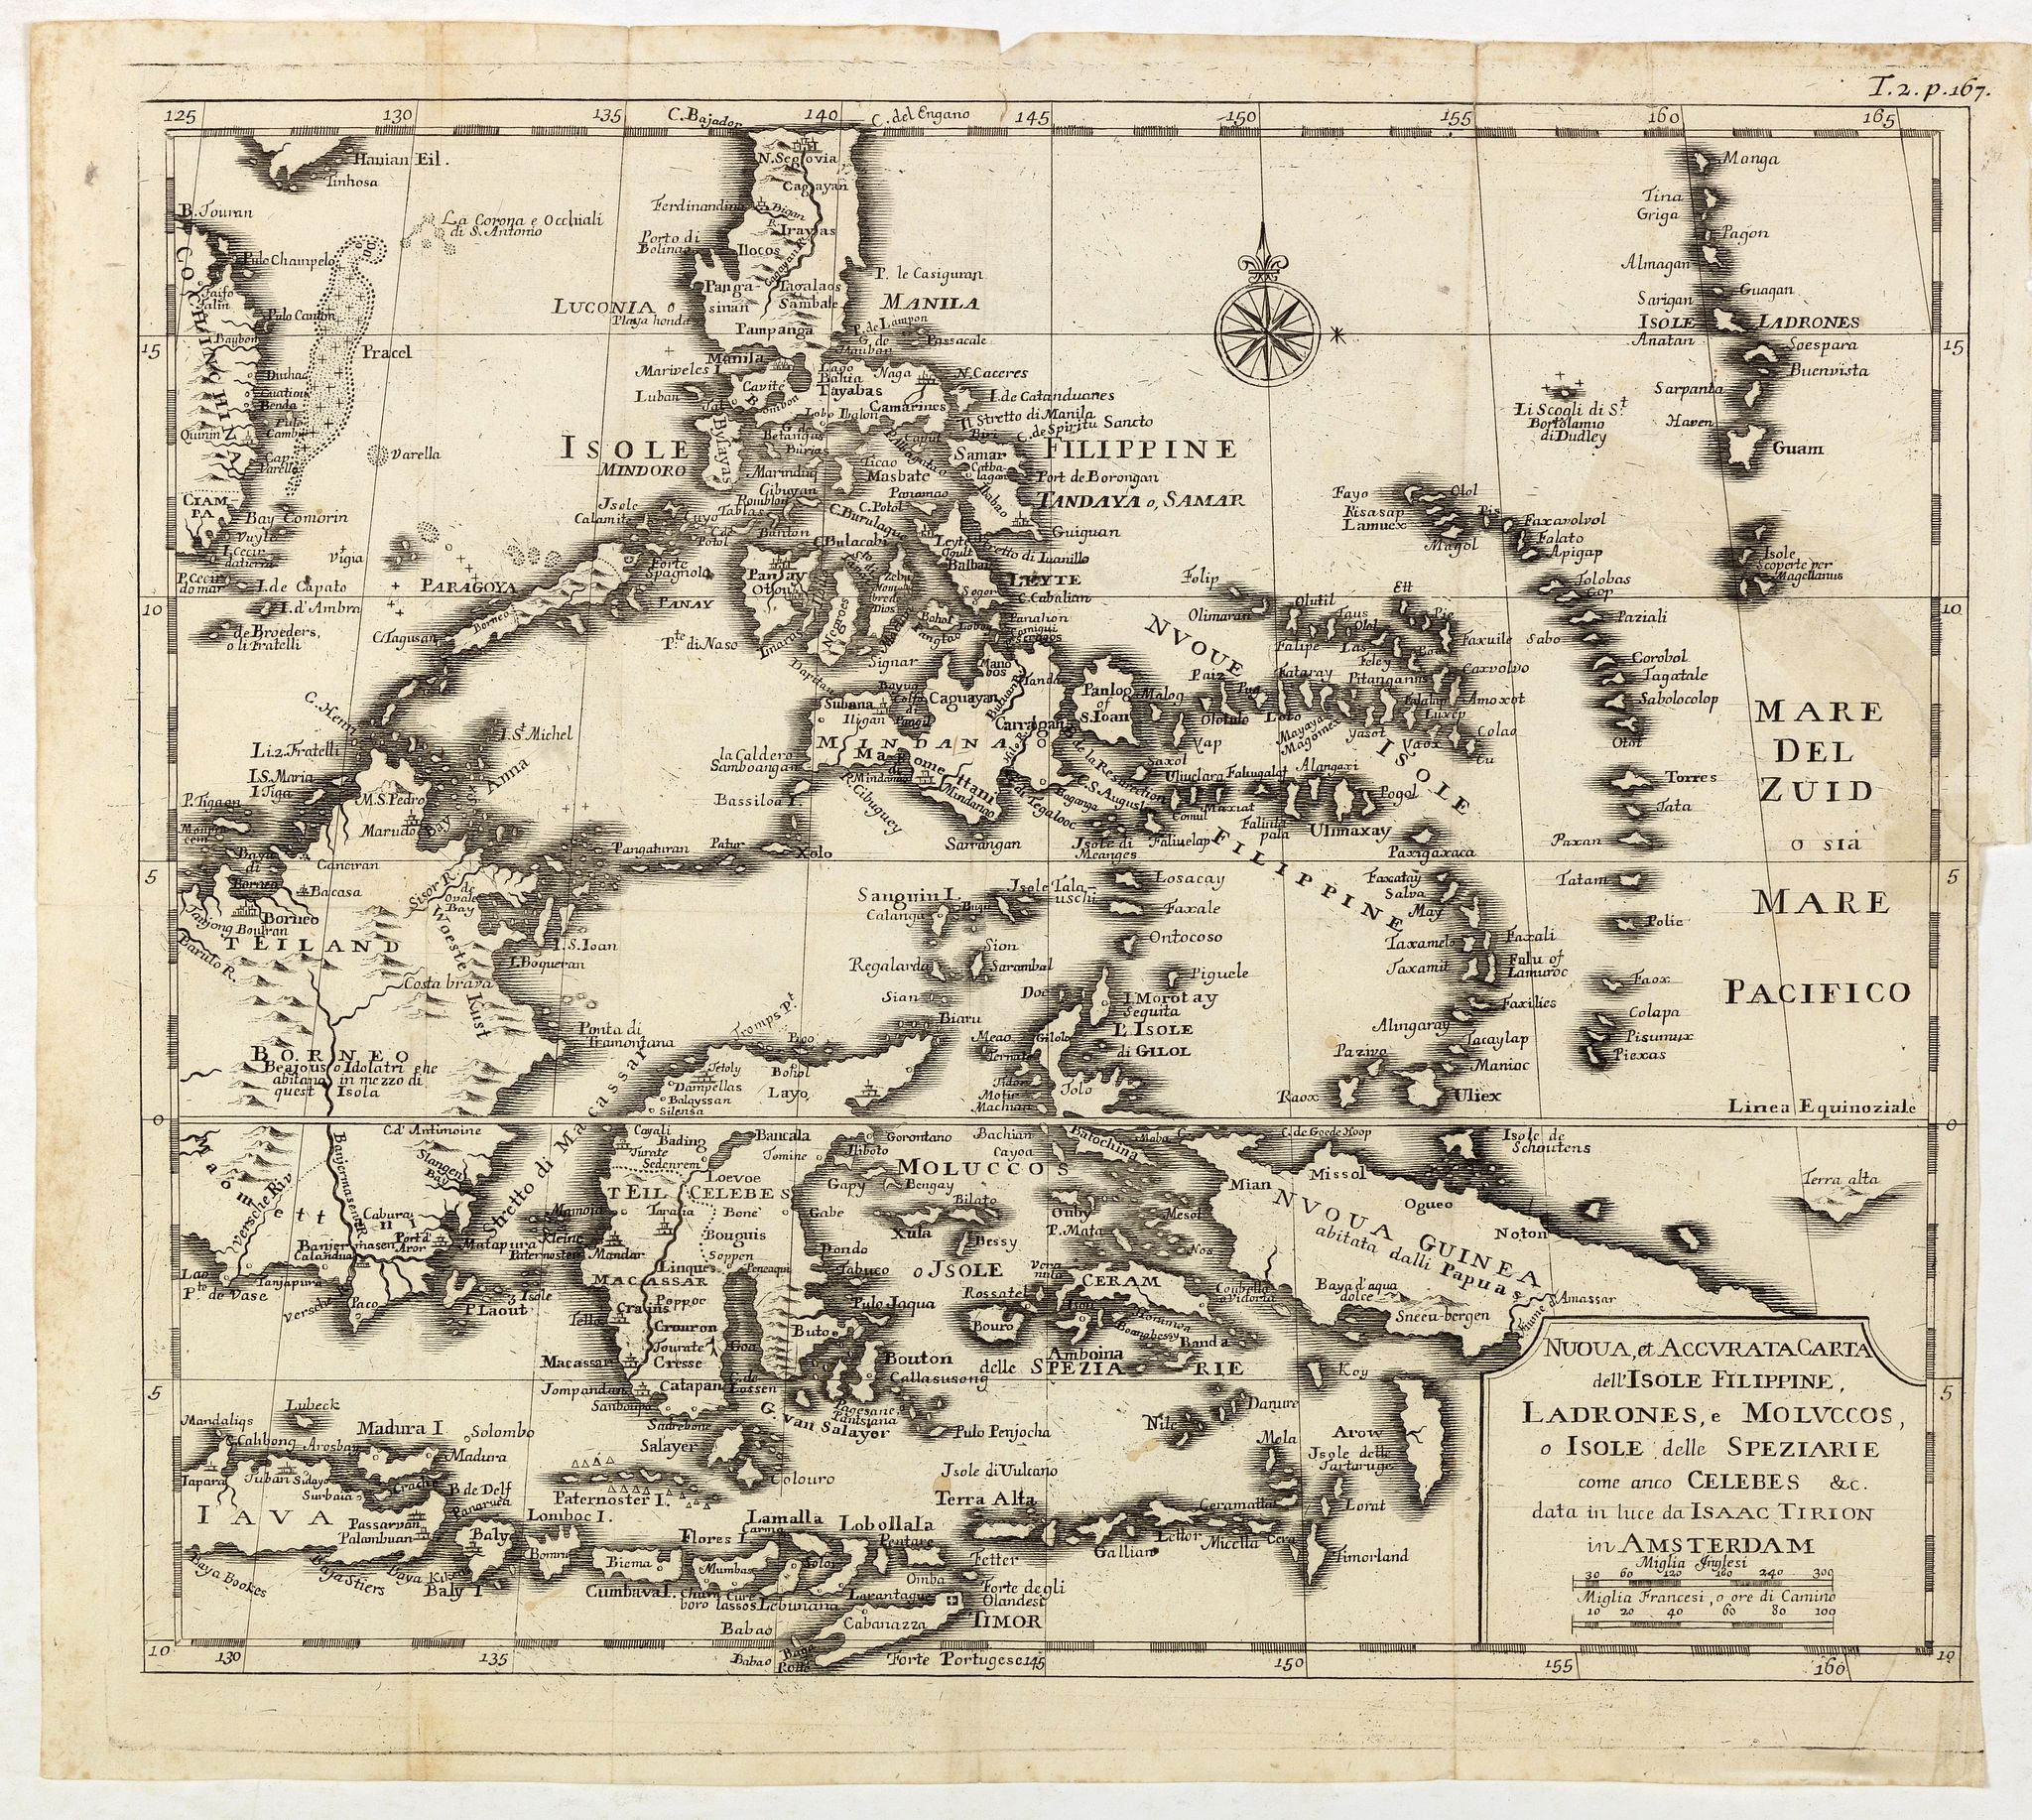 ALBRIZZI, G. -  Nuova et Accurata Carta dell' Isole Filippine, Ladrones, a Moluccos o Isole della Speziarie come anco Celebes &c.